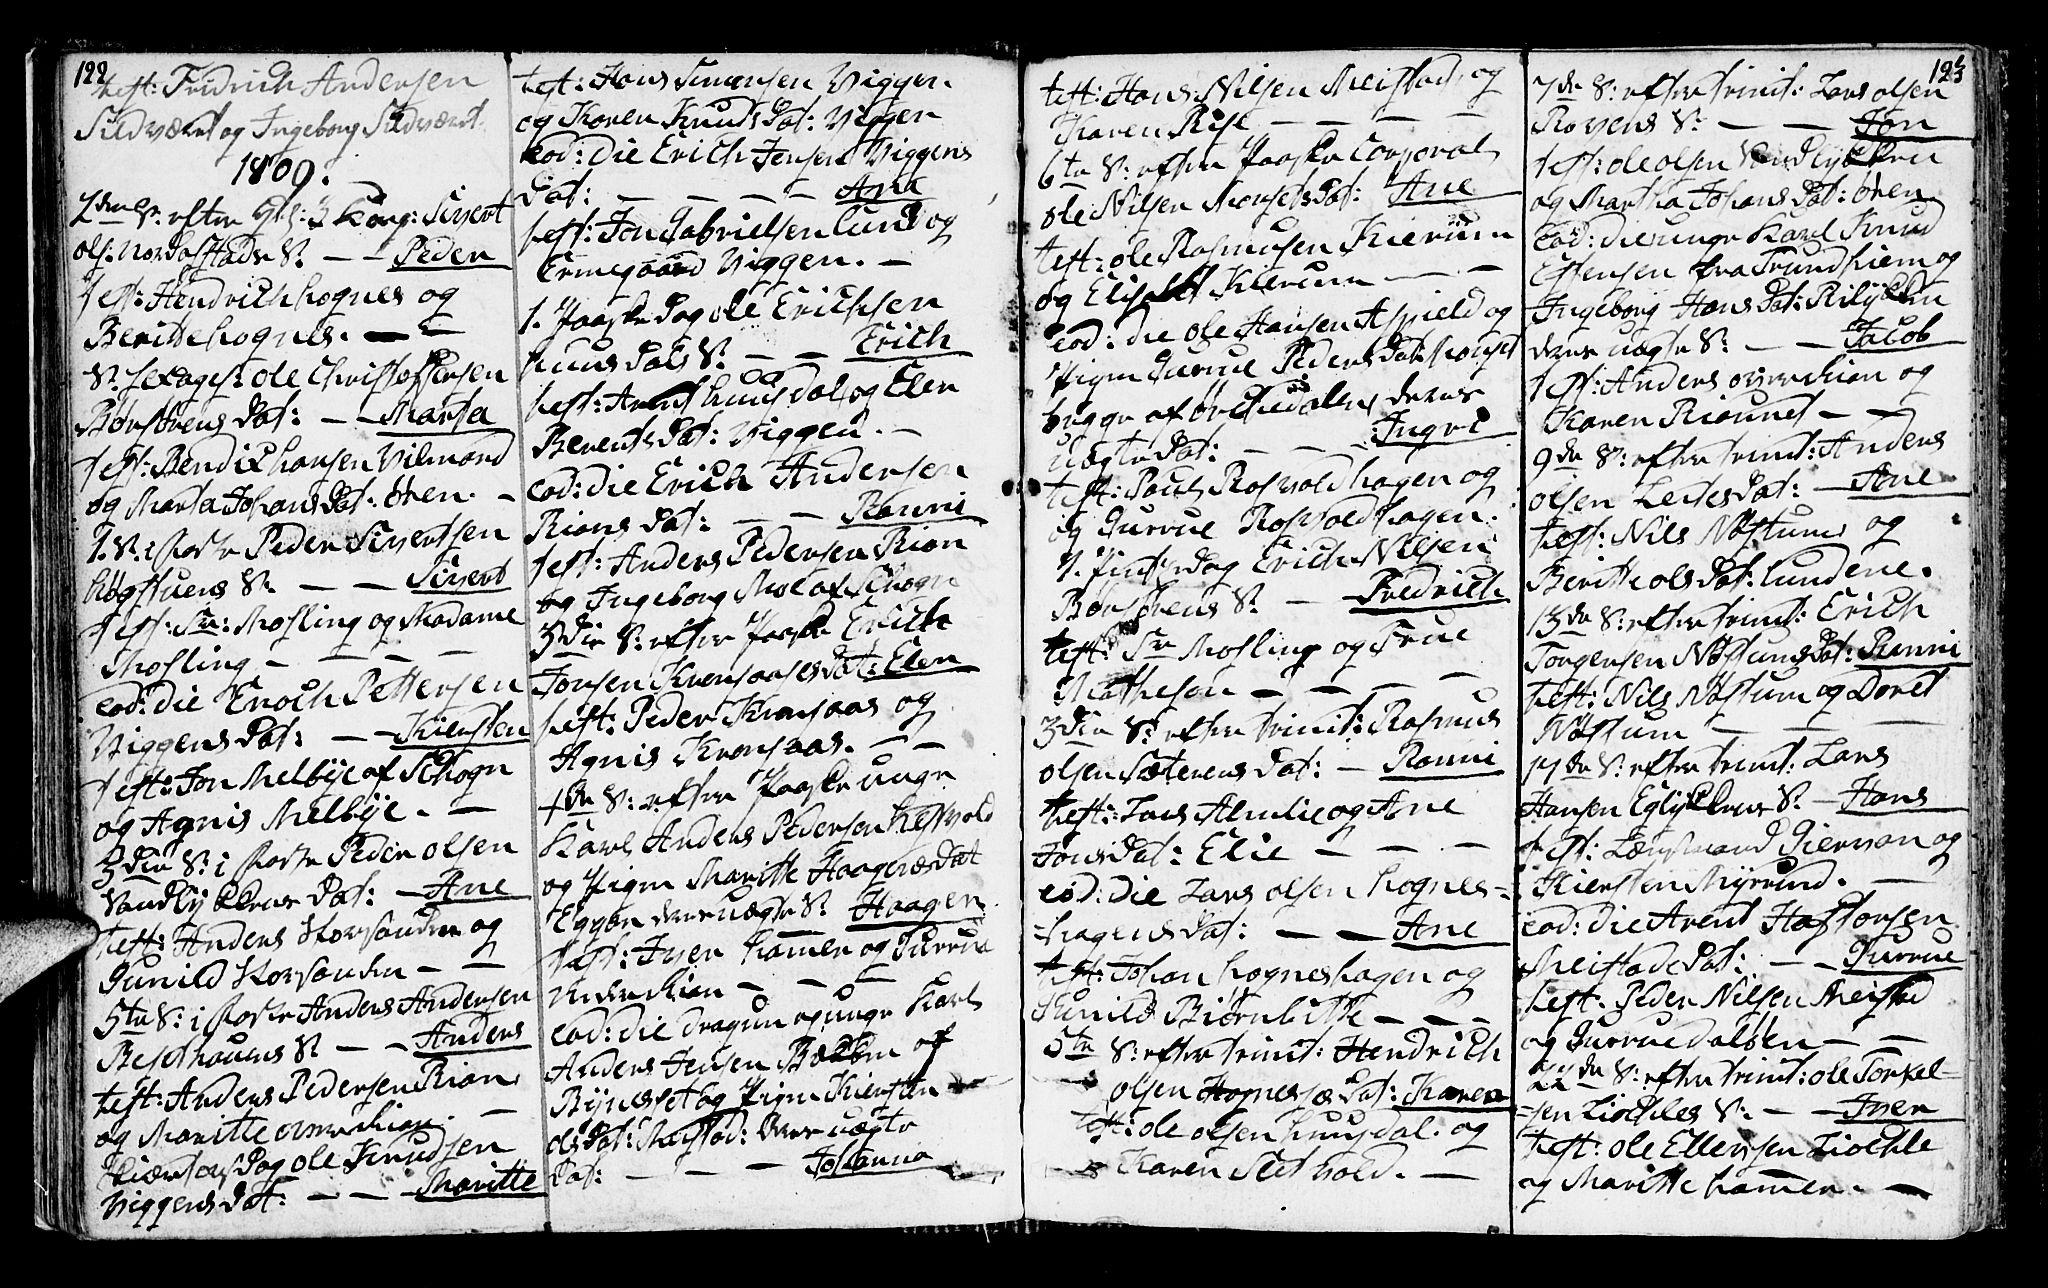 SAT, Ministerialprotokoller, klokkerbøker og fødselsregistre - Sør-Trøndelag, 665/L0769: Ministerialbok nr. 665A04, 1803-1816, s. 122-123